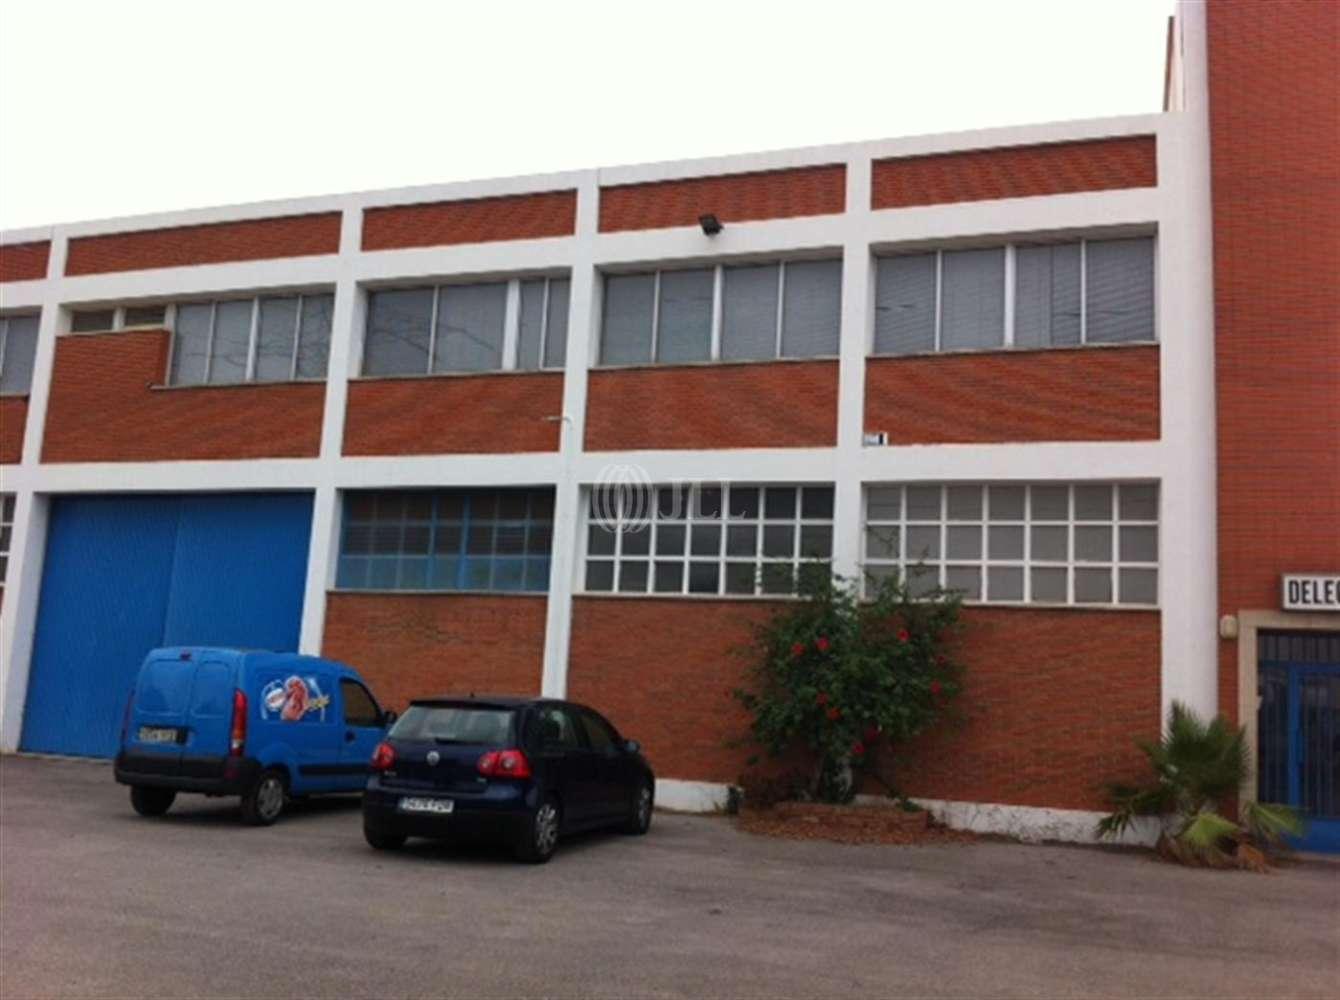 Naves industriales y logísticas Castelló de la plana, 12005 - B0516 NAVE INDUSTRIAL EN VENTA CASTELLON -P.I LA RATLLA I ESTEPAR